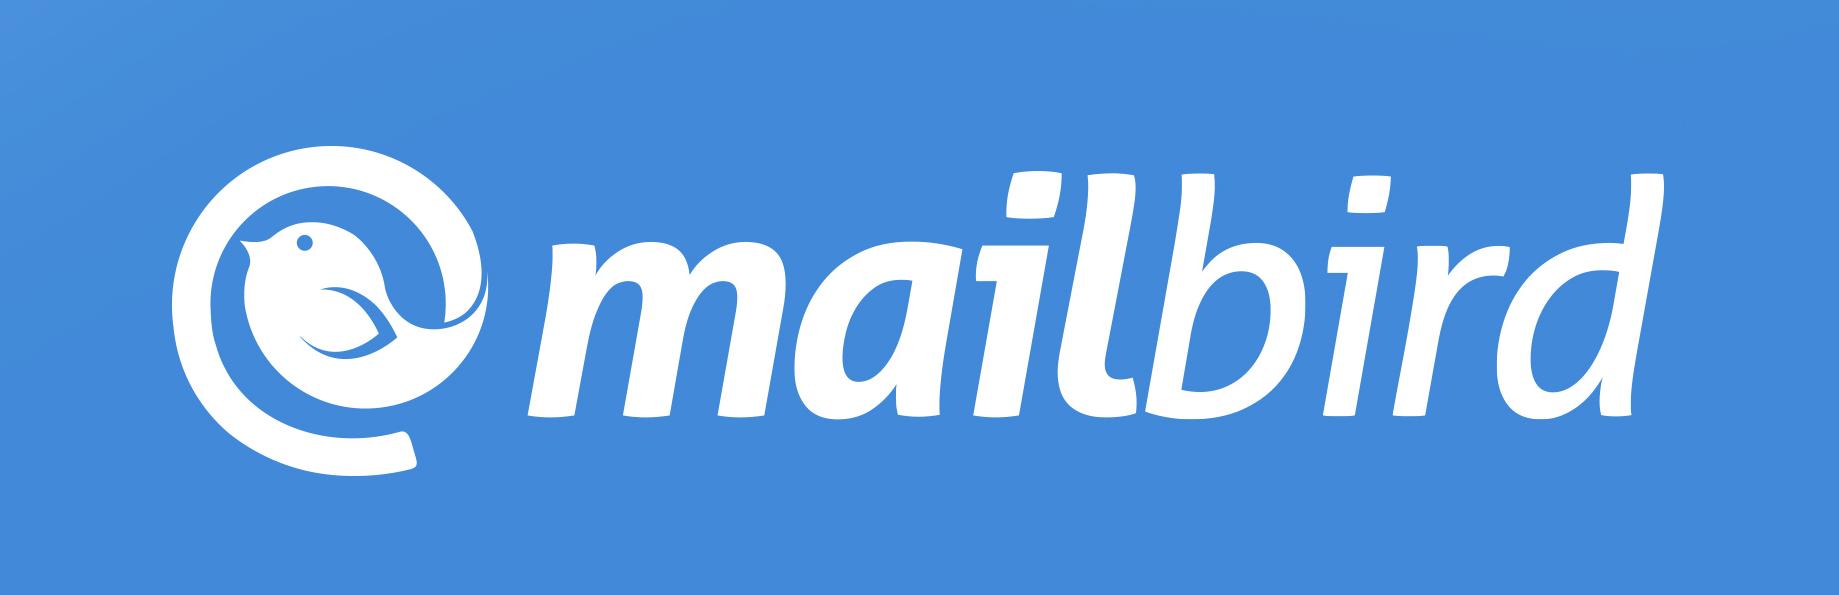 Gestores de correo